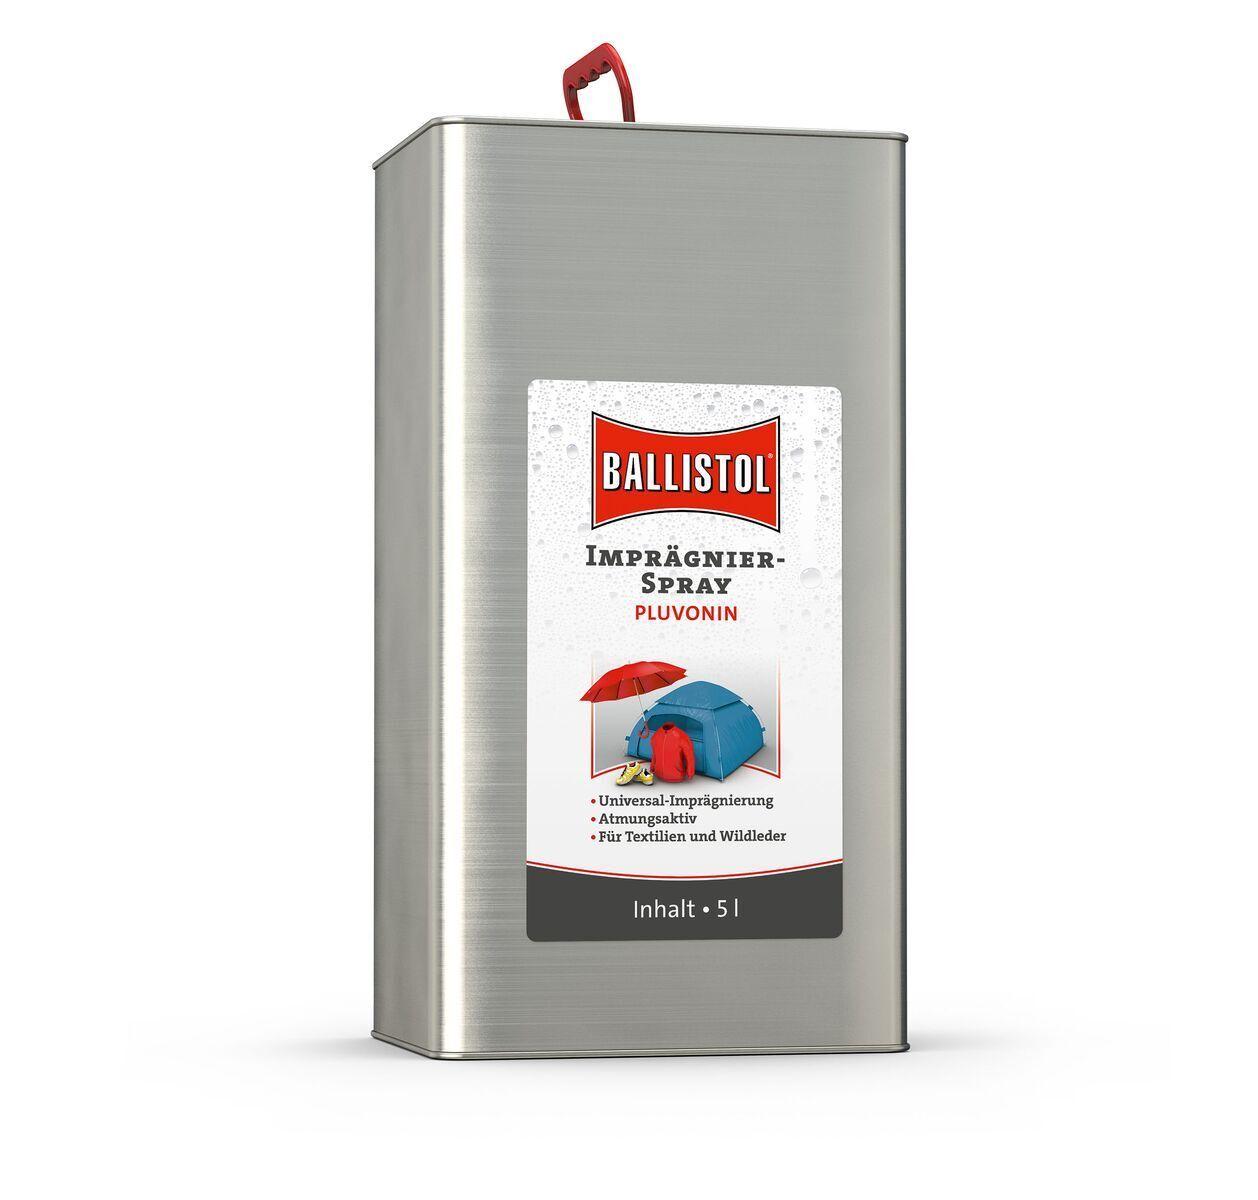 Ballistol Imrpägniermittel 5L Kanister Kanister Kanister - Outdoor imprägnieren Schuhe Jacke Zelt cfaf5f